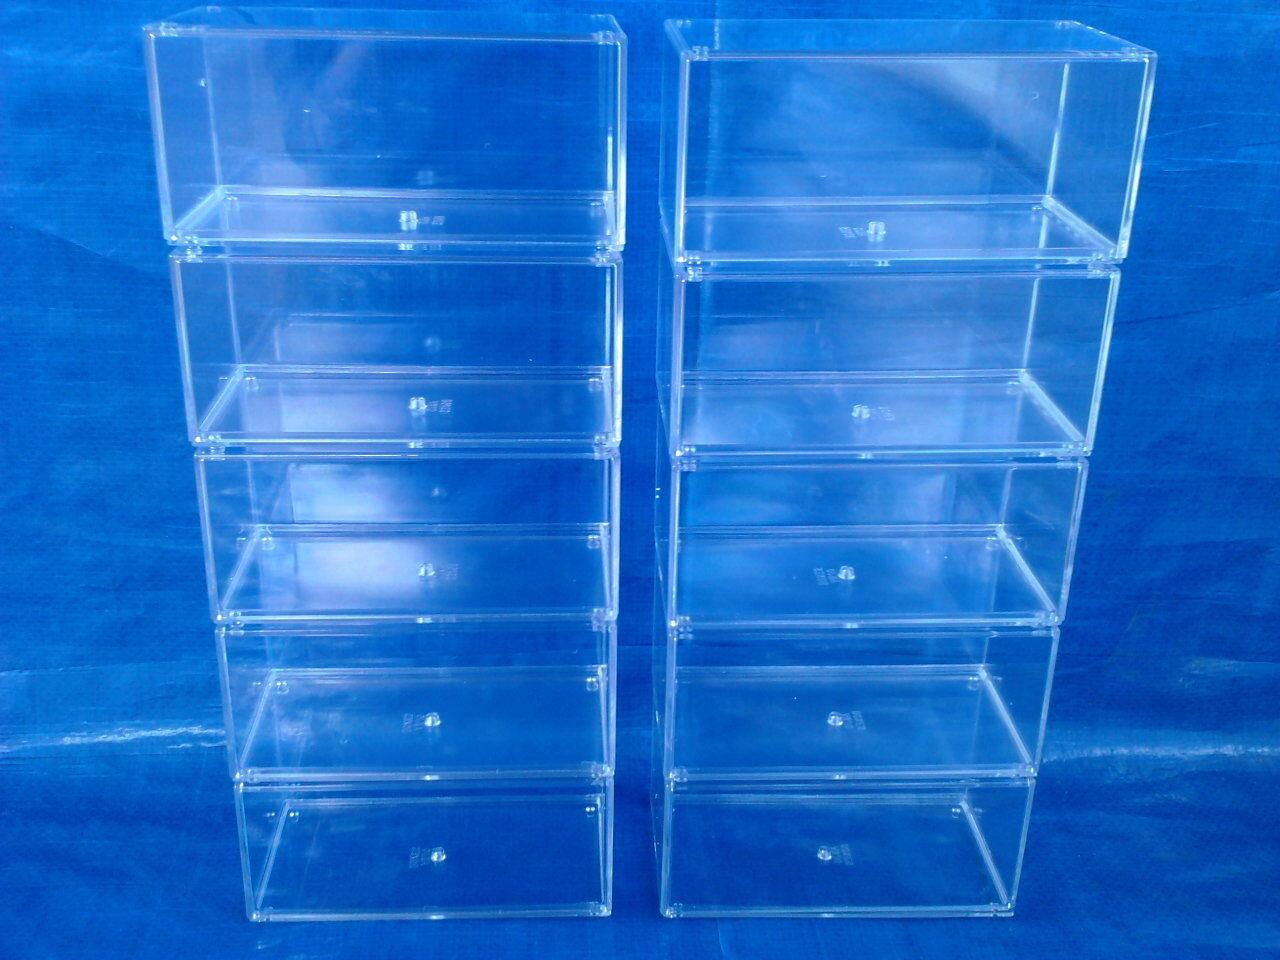 10x Acrylique Transparent Boîte de présentation voiture miniature f1 wrc